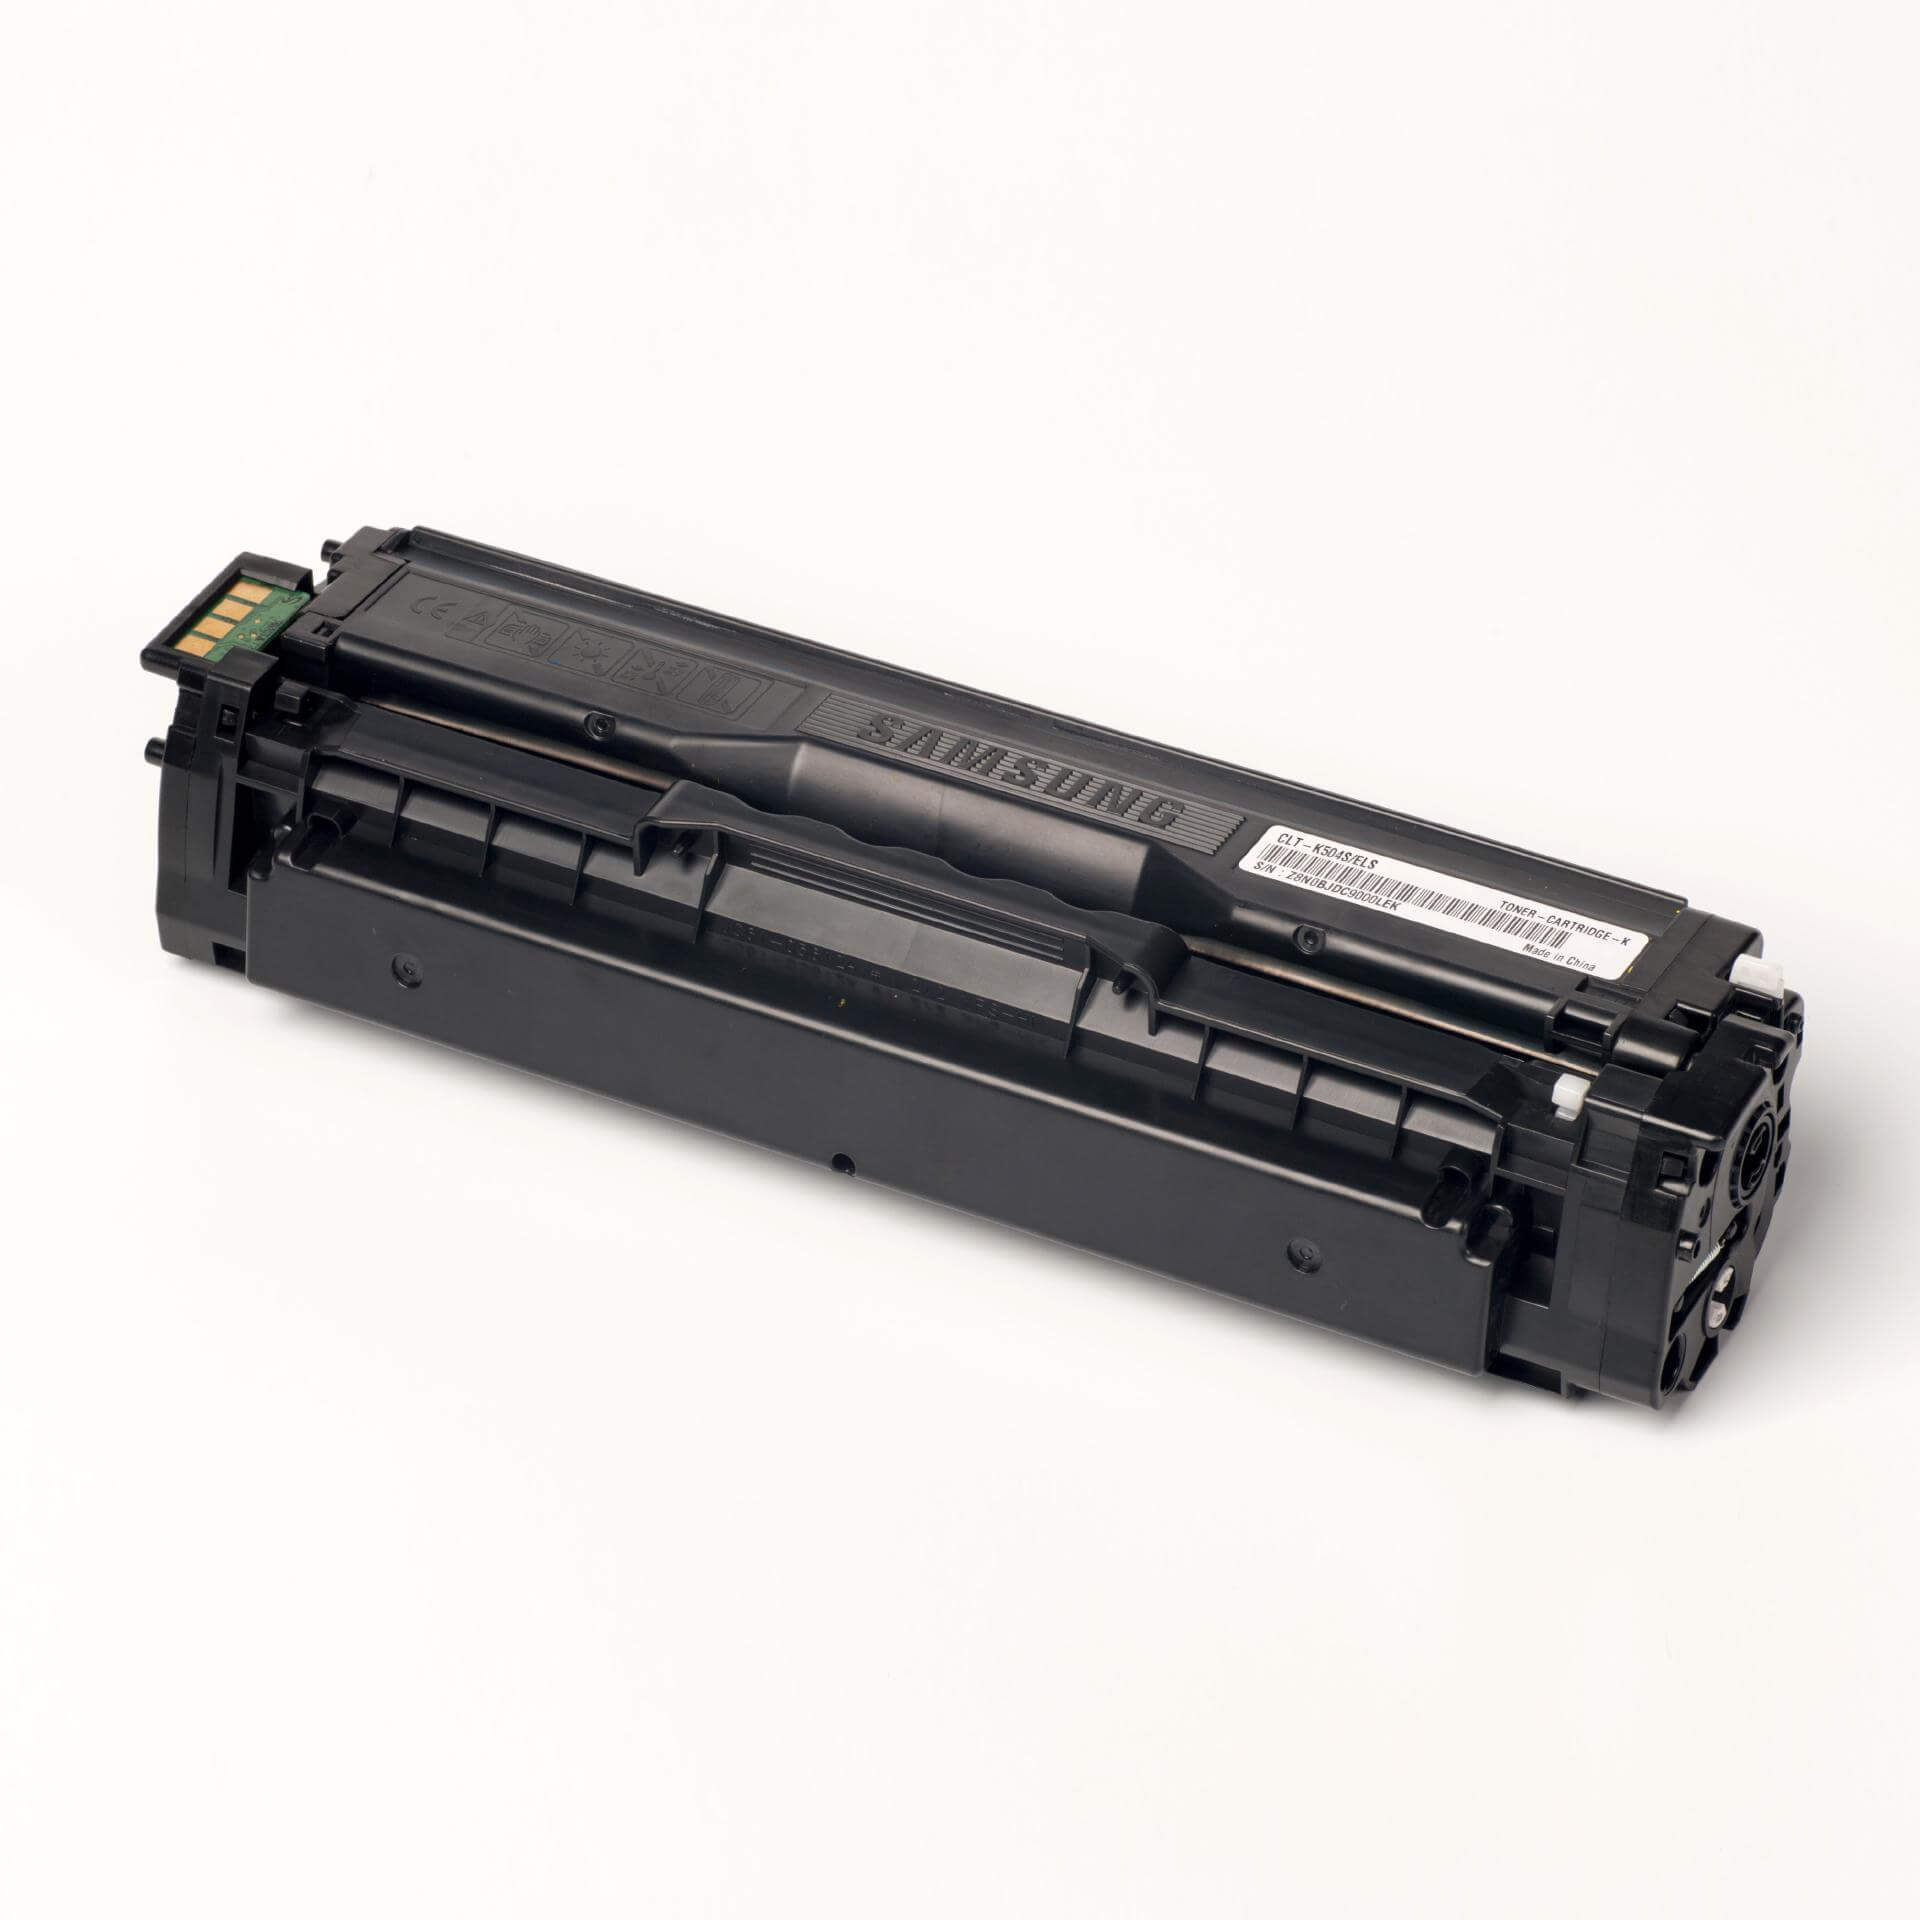 Auf dem Bild sehen Sie eine Samsung CLT-K504S/ELS Original Toner Schwarz